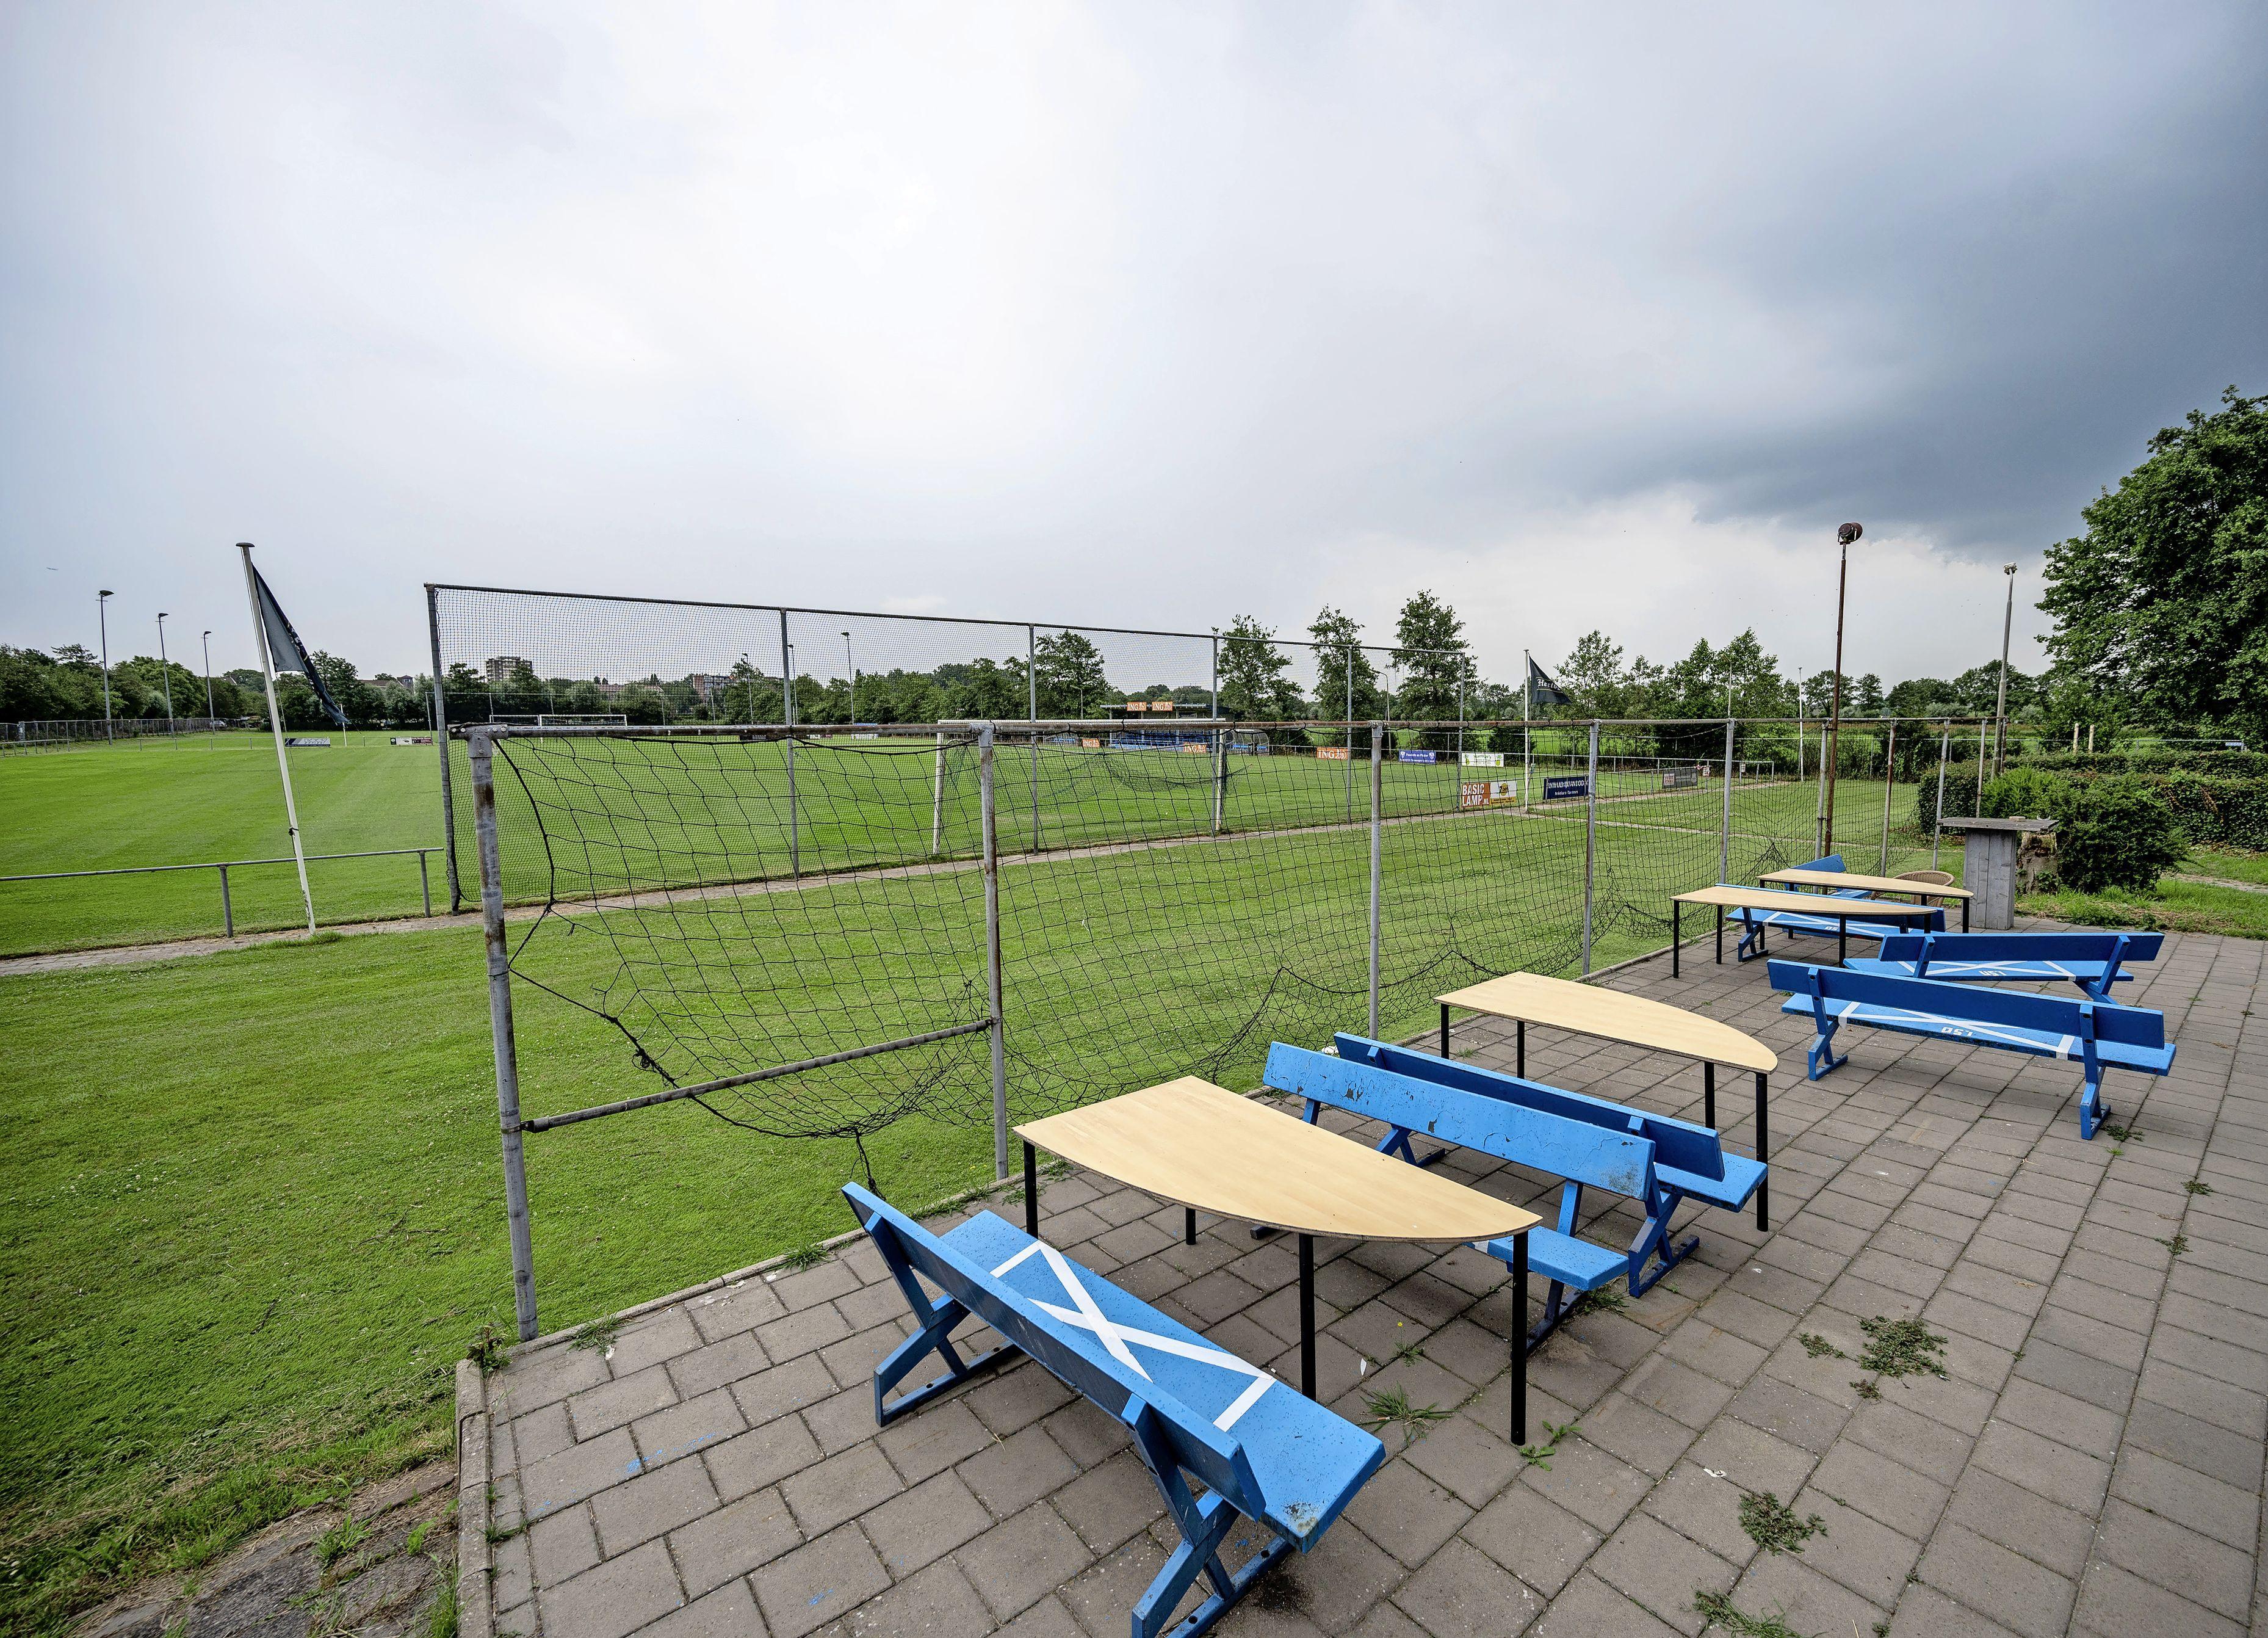 Grand Prix-liefhebbers kunnen kamperen in Santpoort-Zuid. Een sportveld van De Elta is omgetoverd tot camping, inclusief tenten bar, foodcorner, toiletten en douches